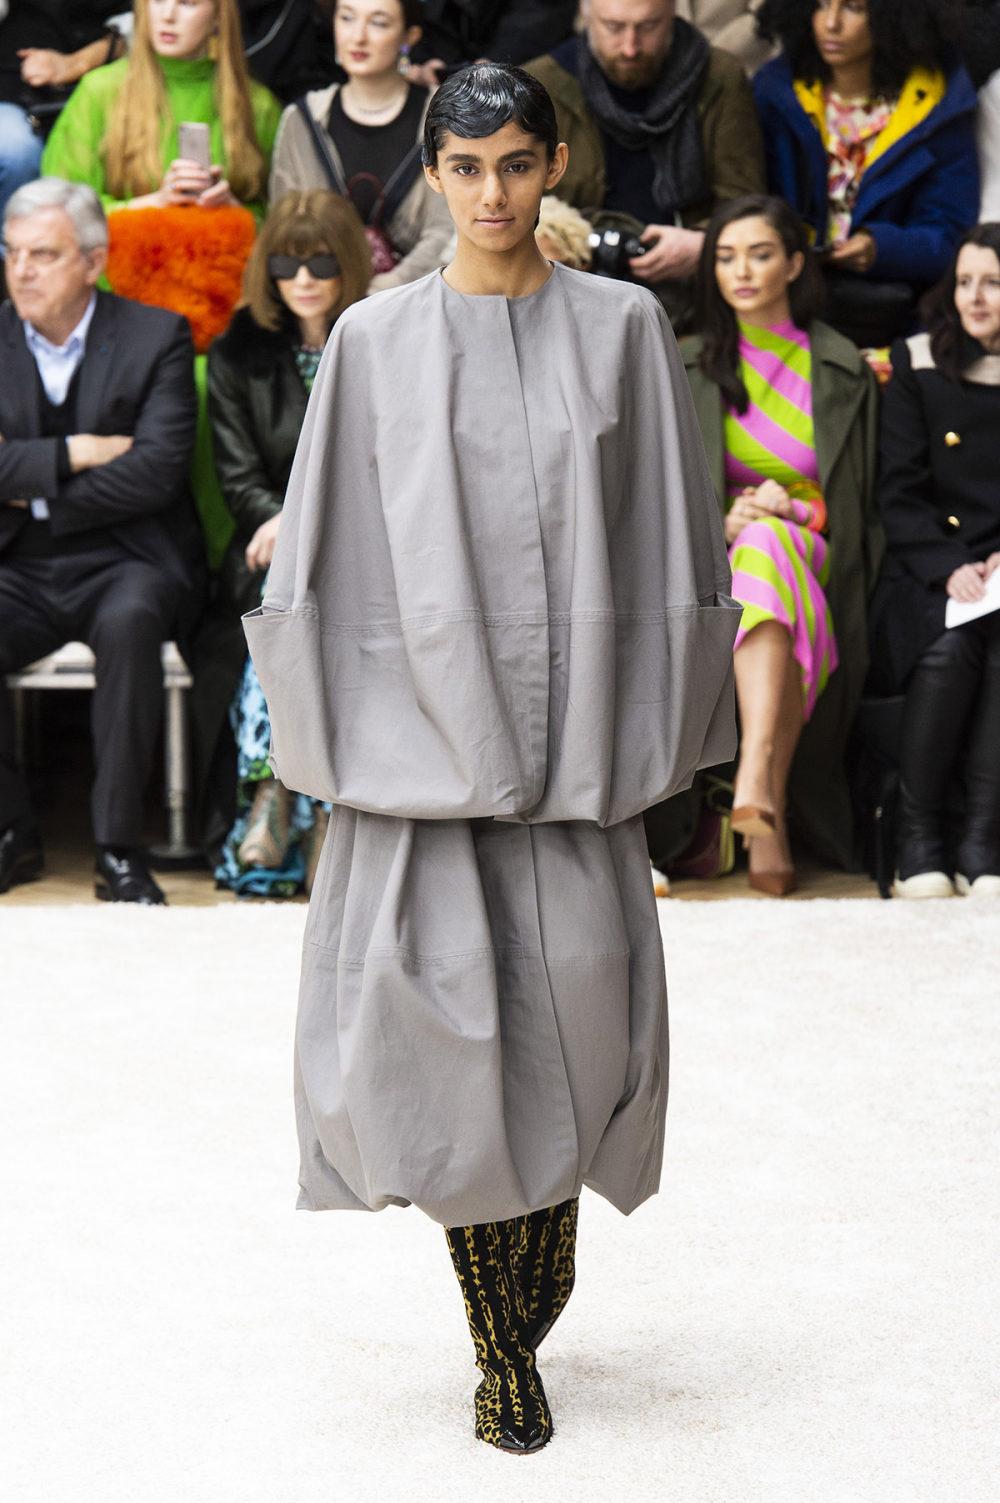 JW Anderson时装系列连衣裙是柔软的边缘用褶皱和长窗帘制成的-5.jpg